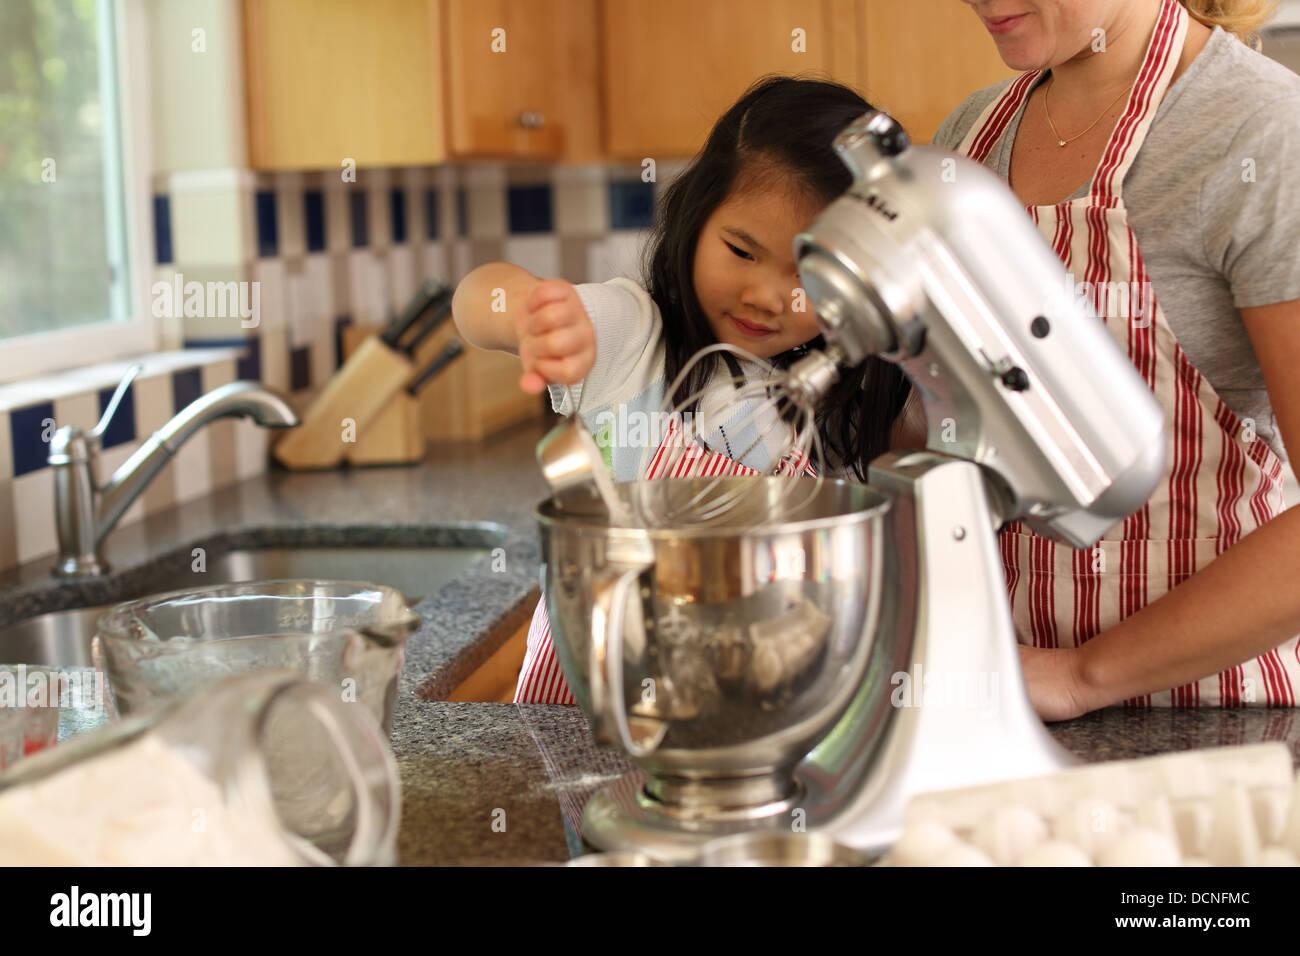 Jeune fille mère aidant à cuire dans la cuisine Photo Stock